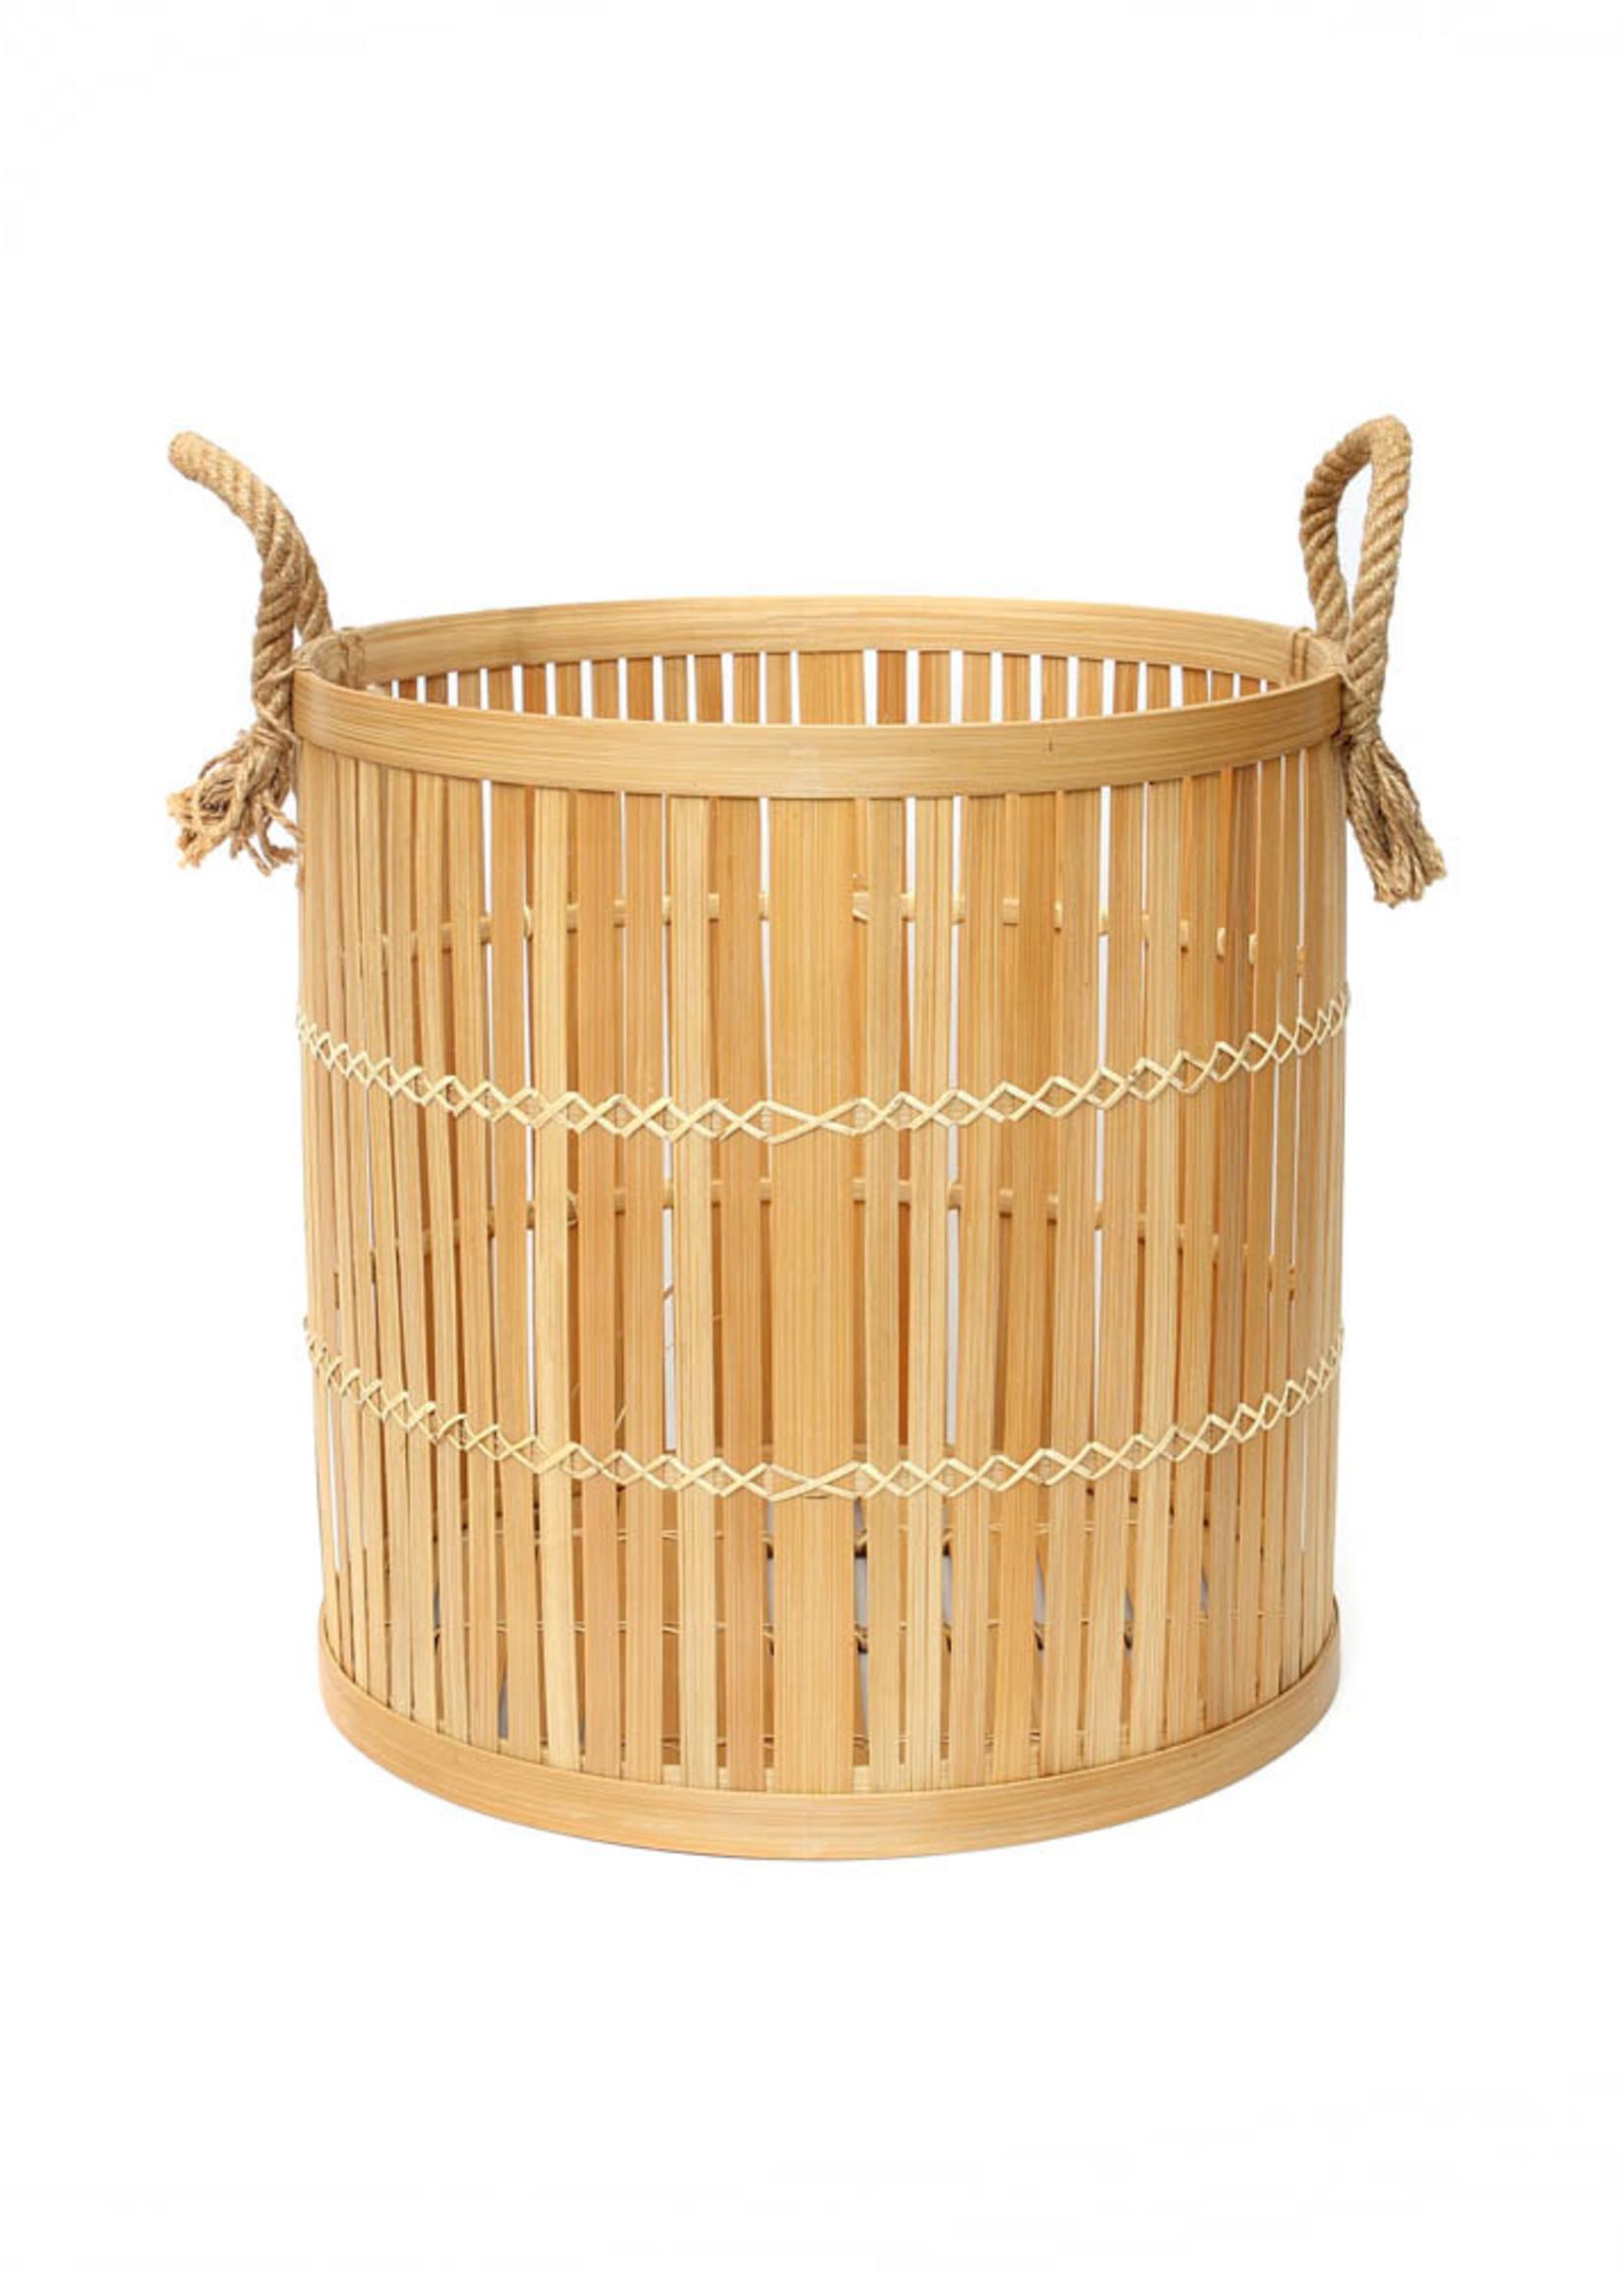 The Bamboo Baskets - Natural - Medium